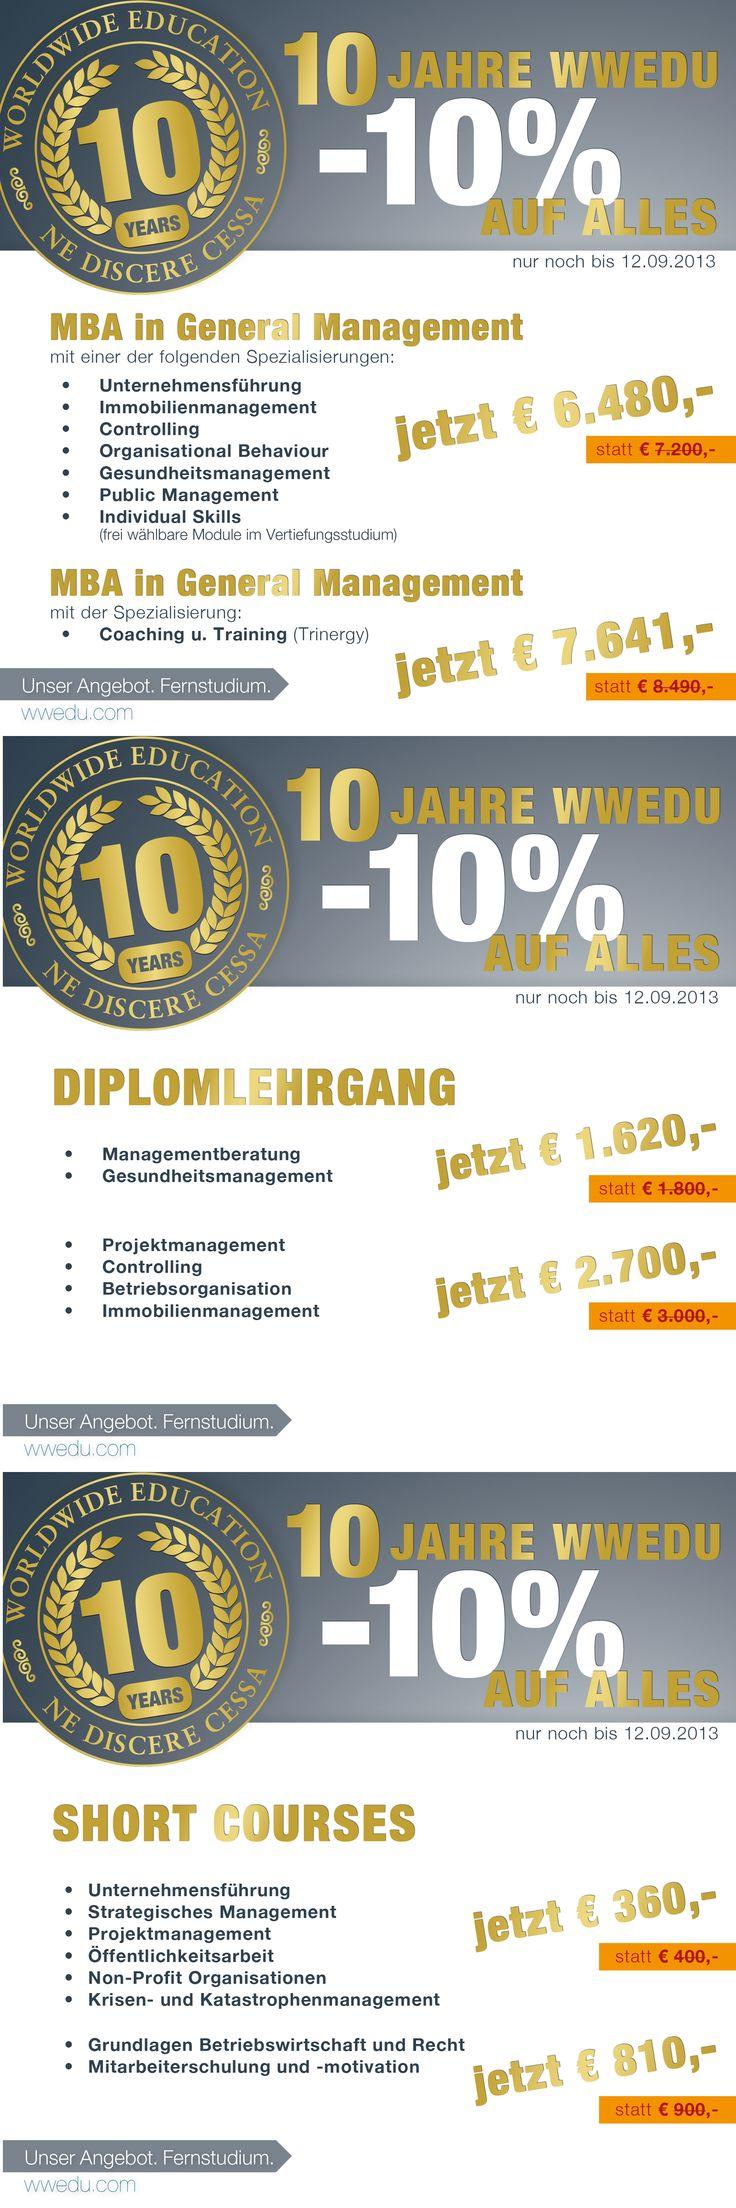 Noch bis 12.09.2013 erhalten Sie einen Geburtstagsrabatt von 10 % auf alle unsere Produkte auf www.wwedu.com | #mba #diplom #course #weiterbildung #fernstudium #studieren #karriere #erfolg